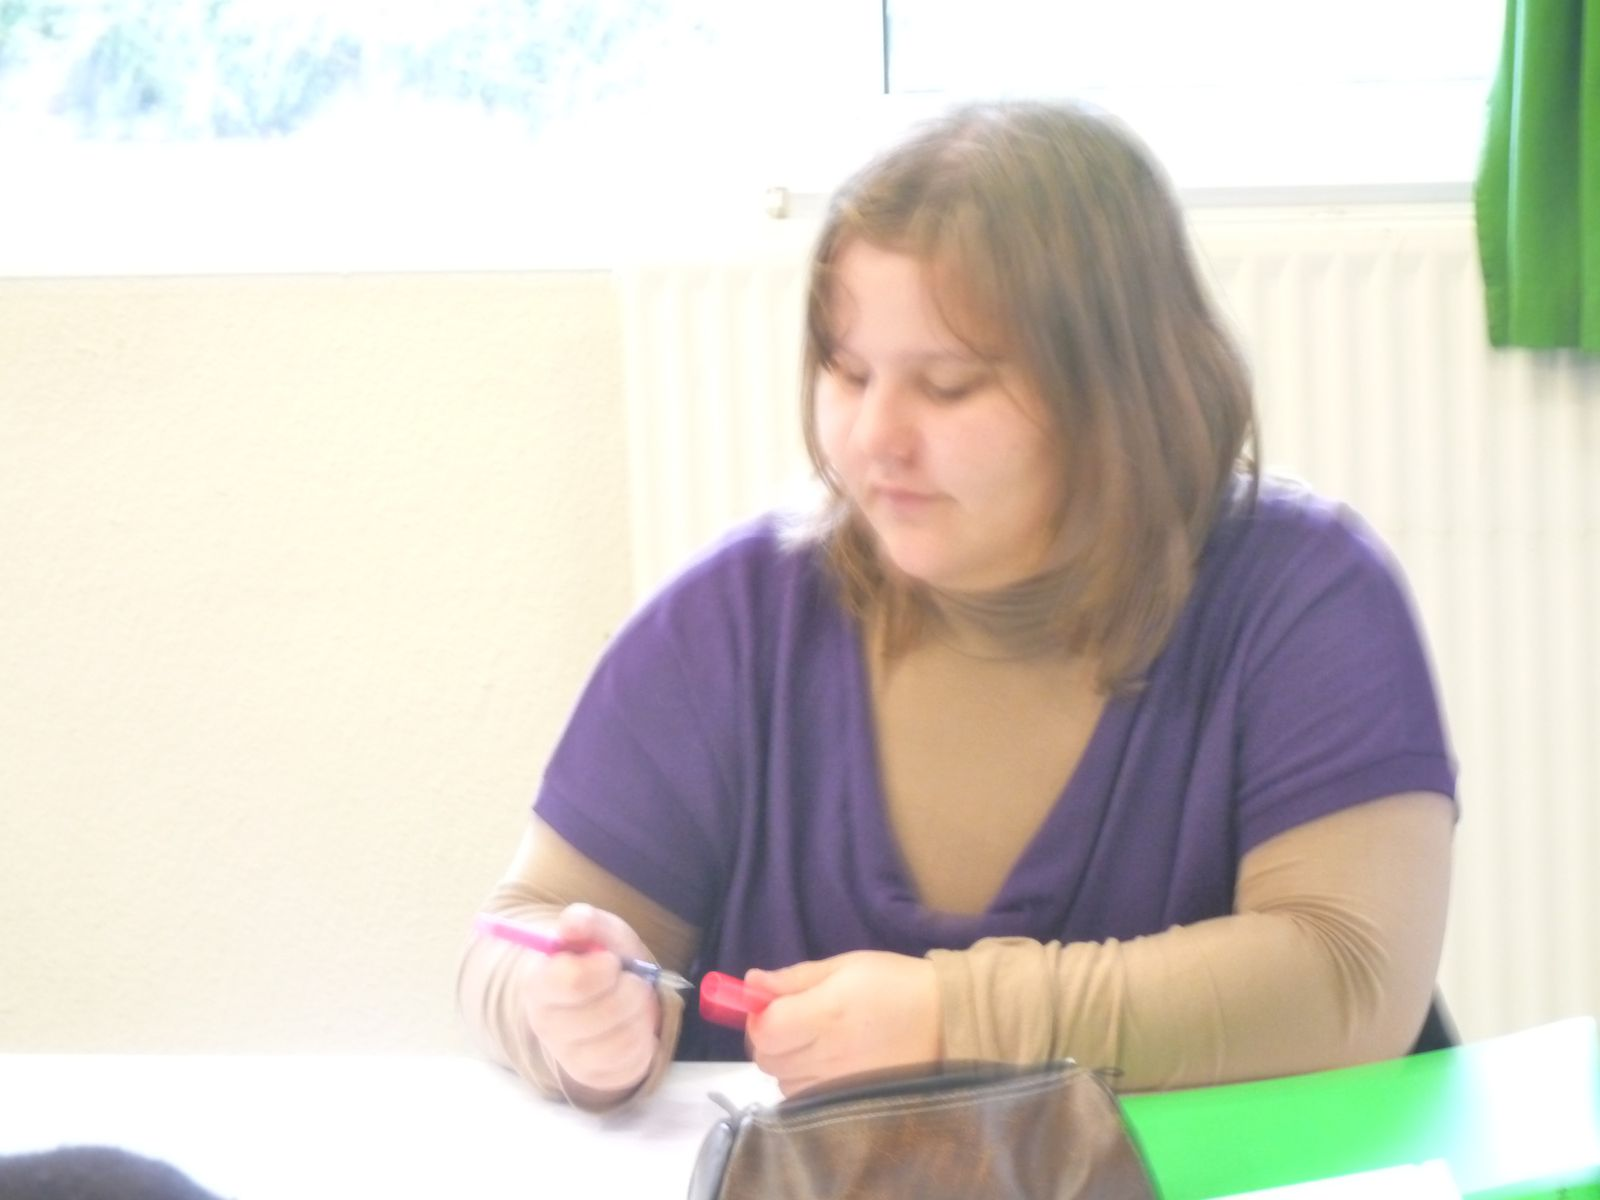 Sandrine, script -girl de l'atelier prend en note les éléments de l'histoire et la liste des questions. Elle devra taper tout cela sur ordinateur